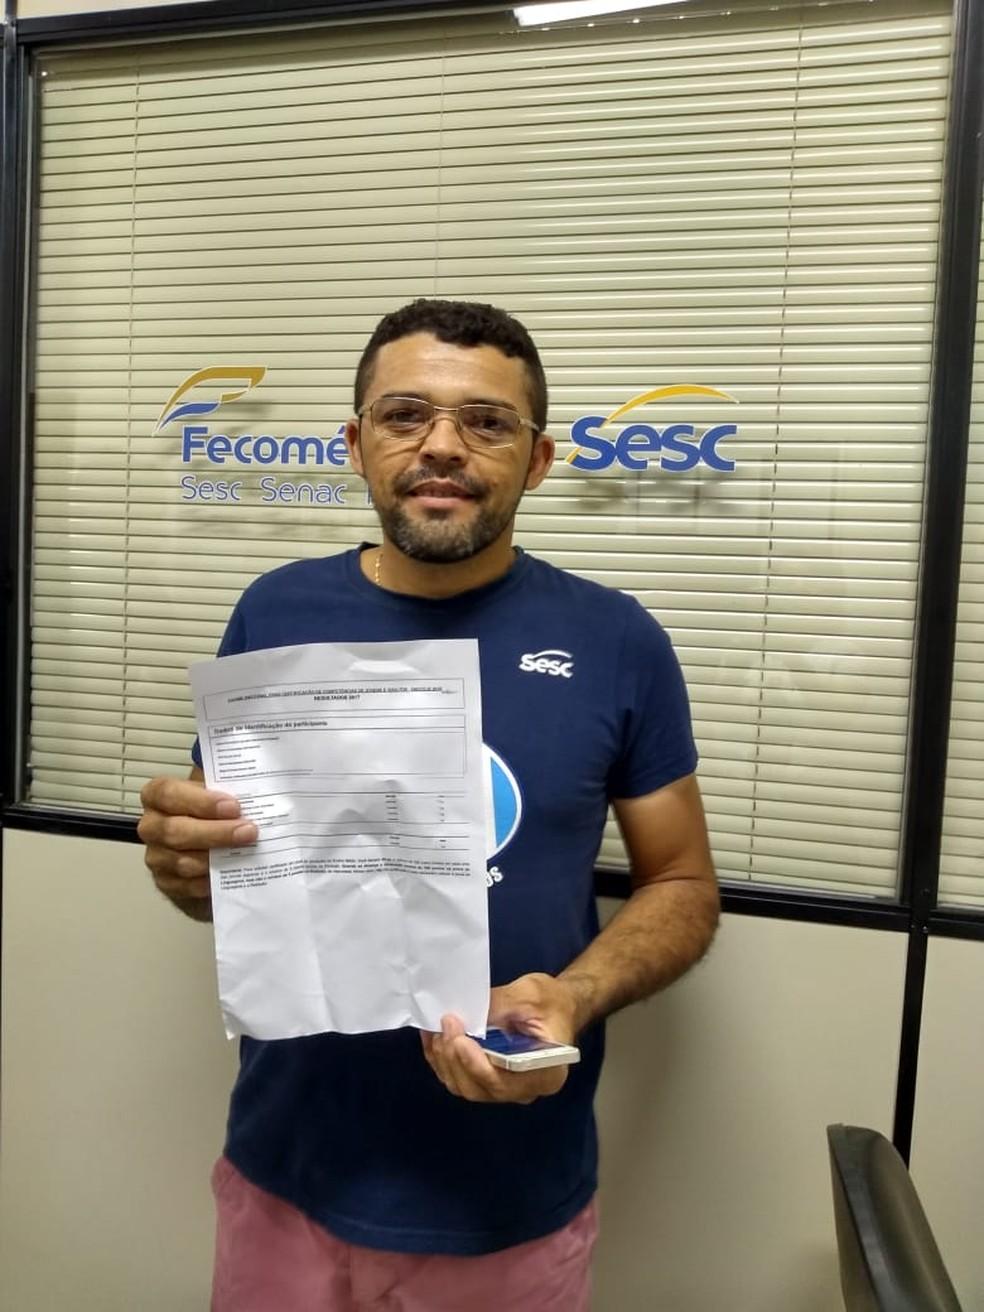 Clecildo, de 38 anos, é coordenador de produção de uma fábrica de calçados de Quixeramobim. Ele fez o Exame Nacional de Ensino Médio da EJA e atingiu o perfil. Receberá o certificado do ensino médio. — Foto: Divulgação